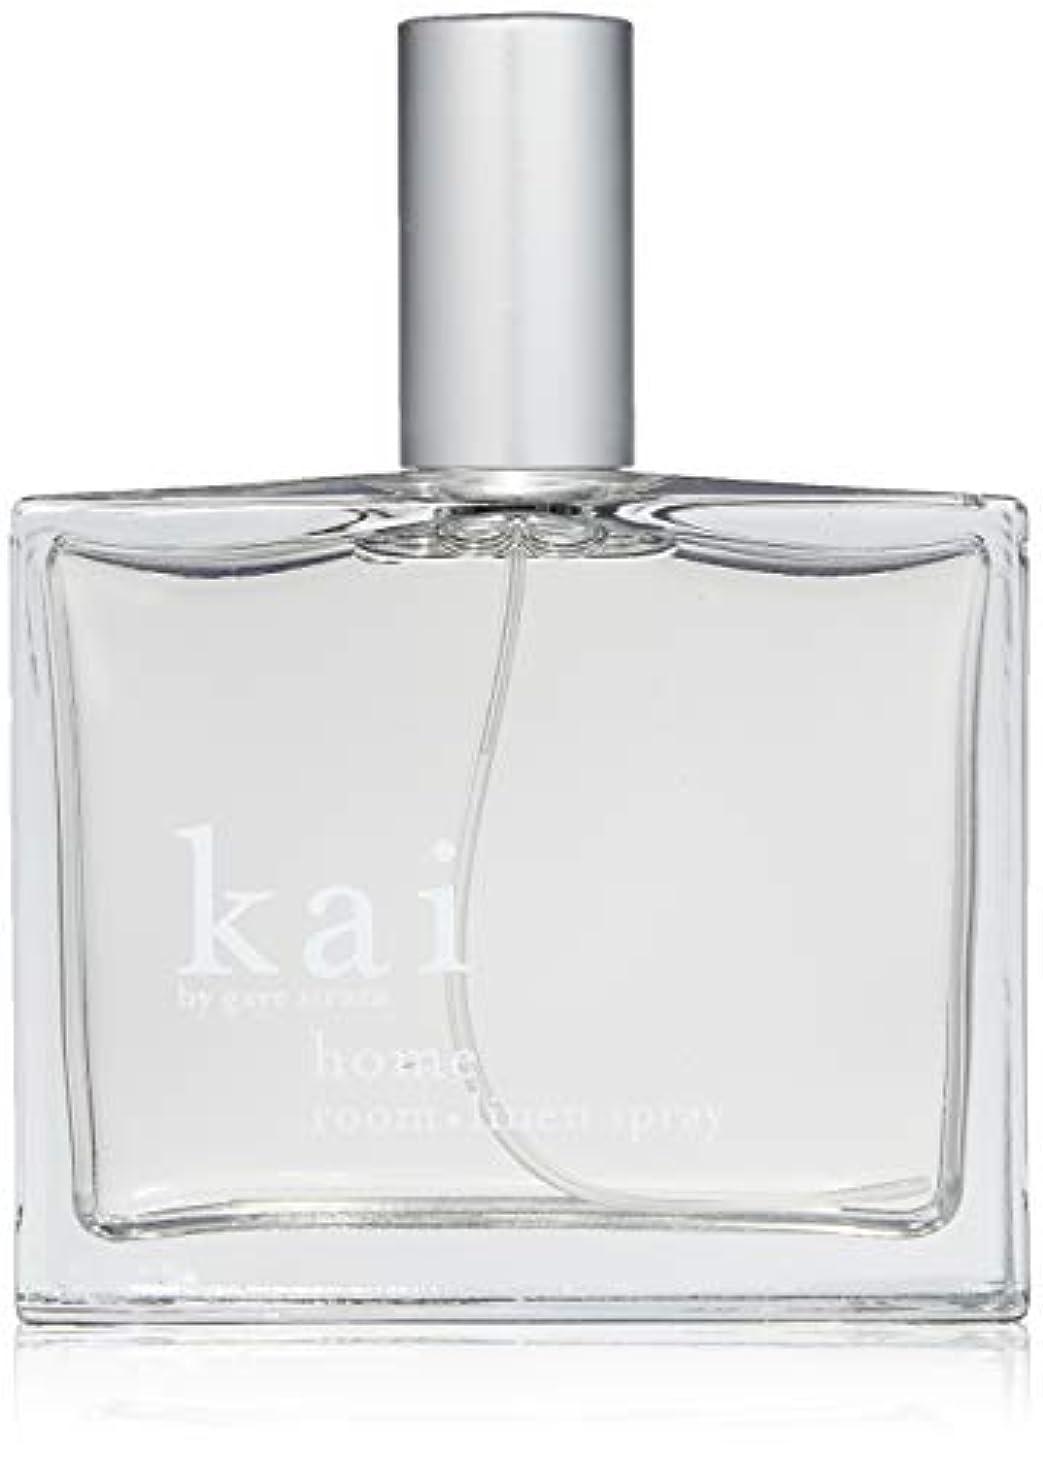 音楽を聴く政策美容師kai fragrance(カイ フレグランス) ルームリネンスプレー 100ml